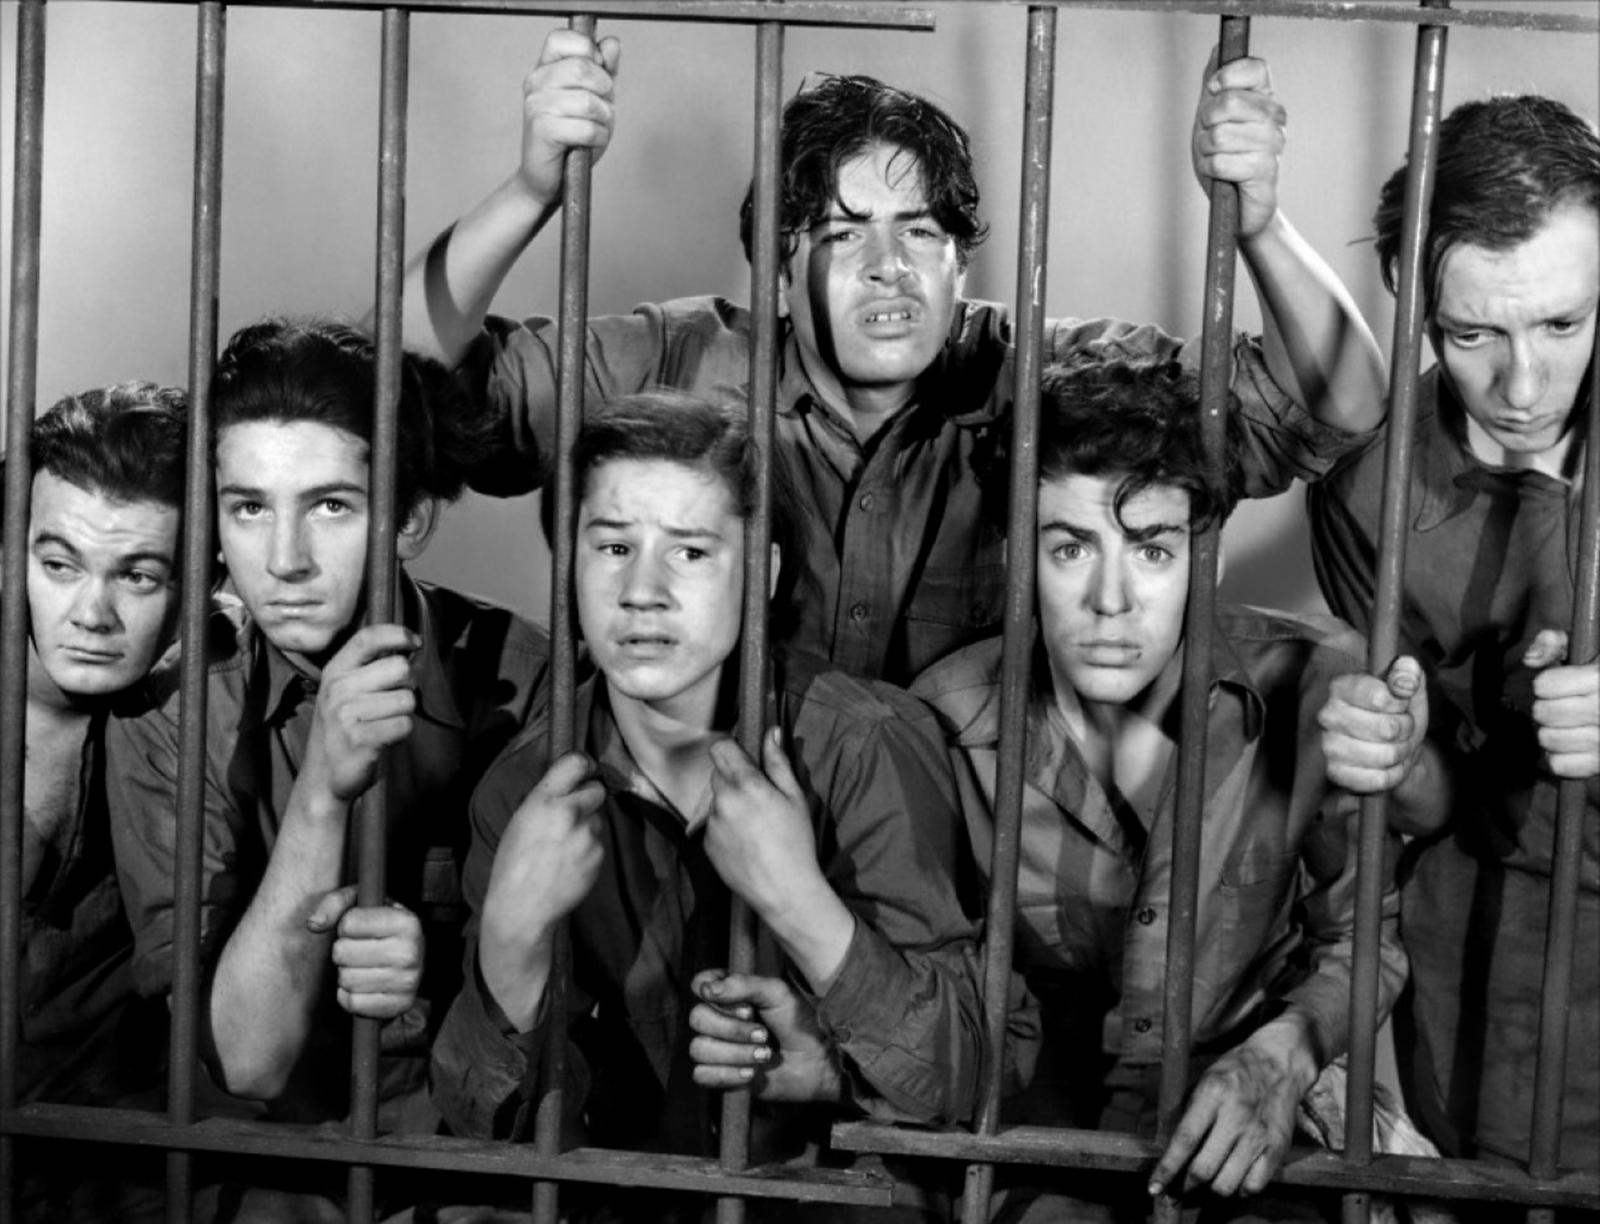 Leo Gorcey...(L to R) Leo Gorcey, Gabriel Dell, Bobby Jordan, Bernard Punsley, Billy Halop, Huntz Hall